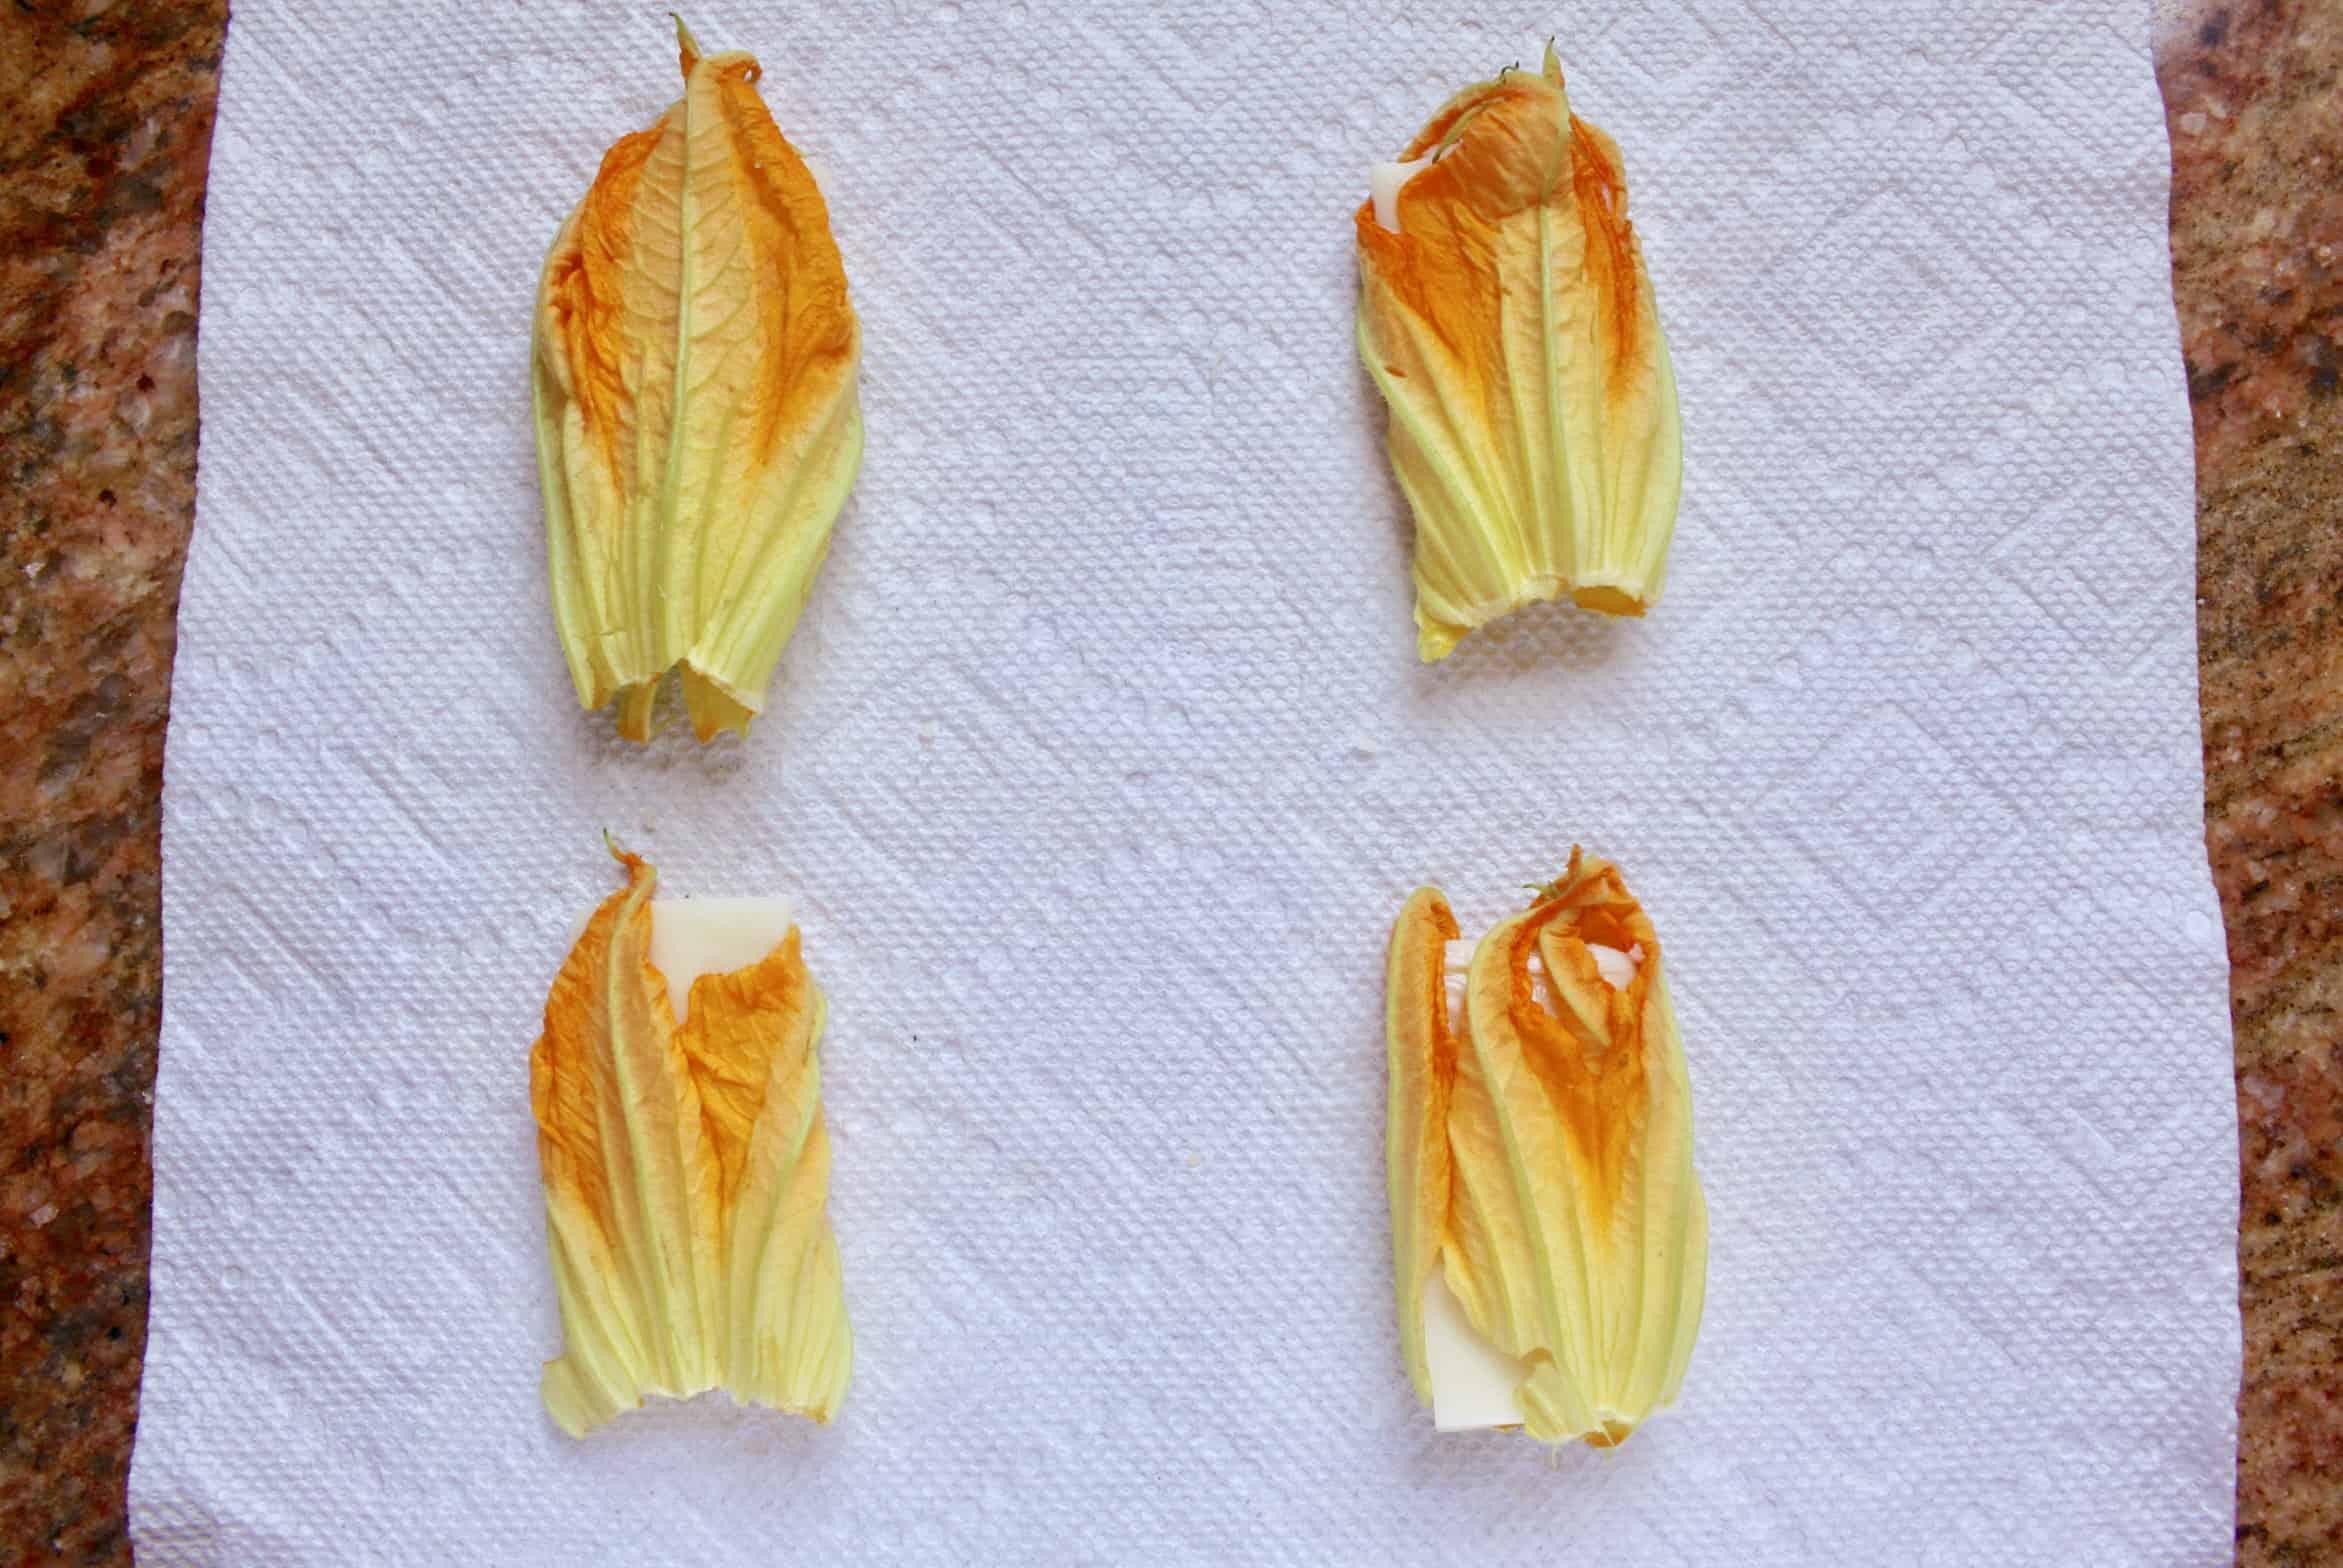 įdarytos cukinijos gėlės, paruoštos tešlai